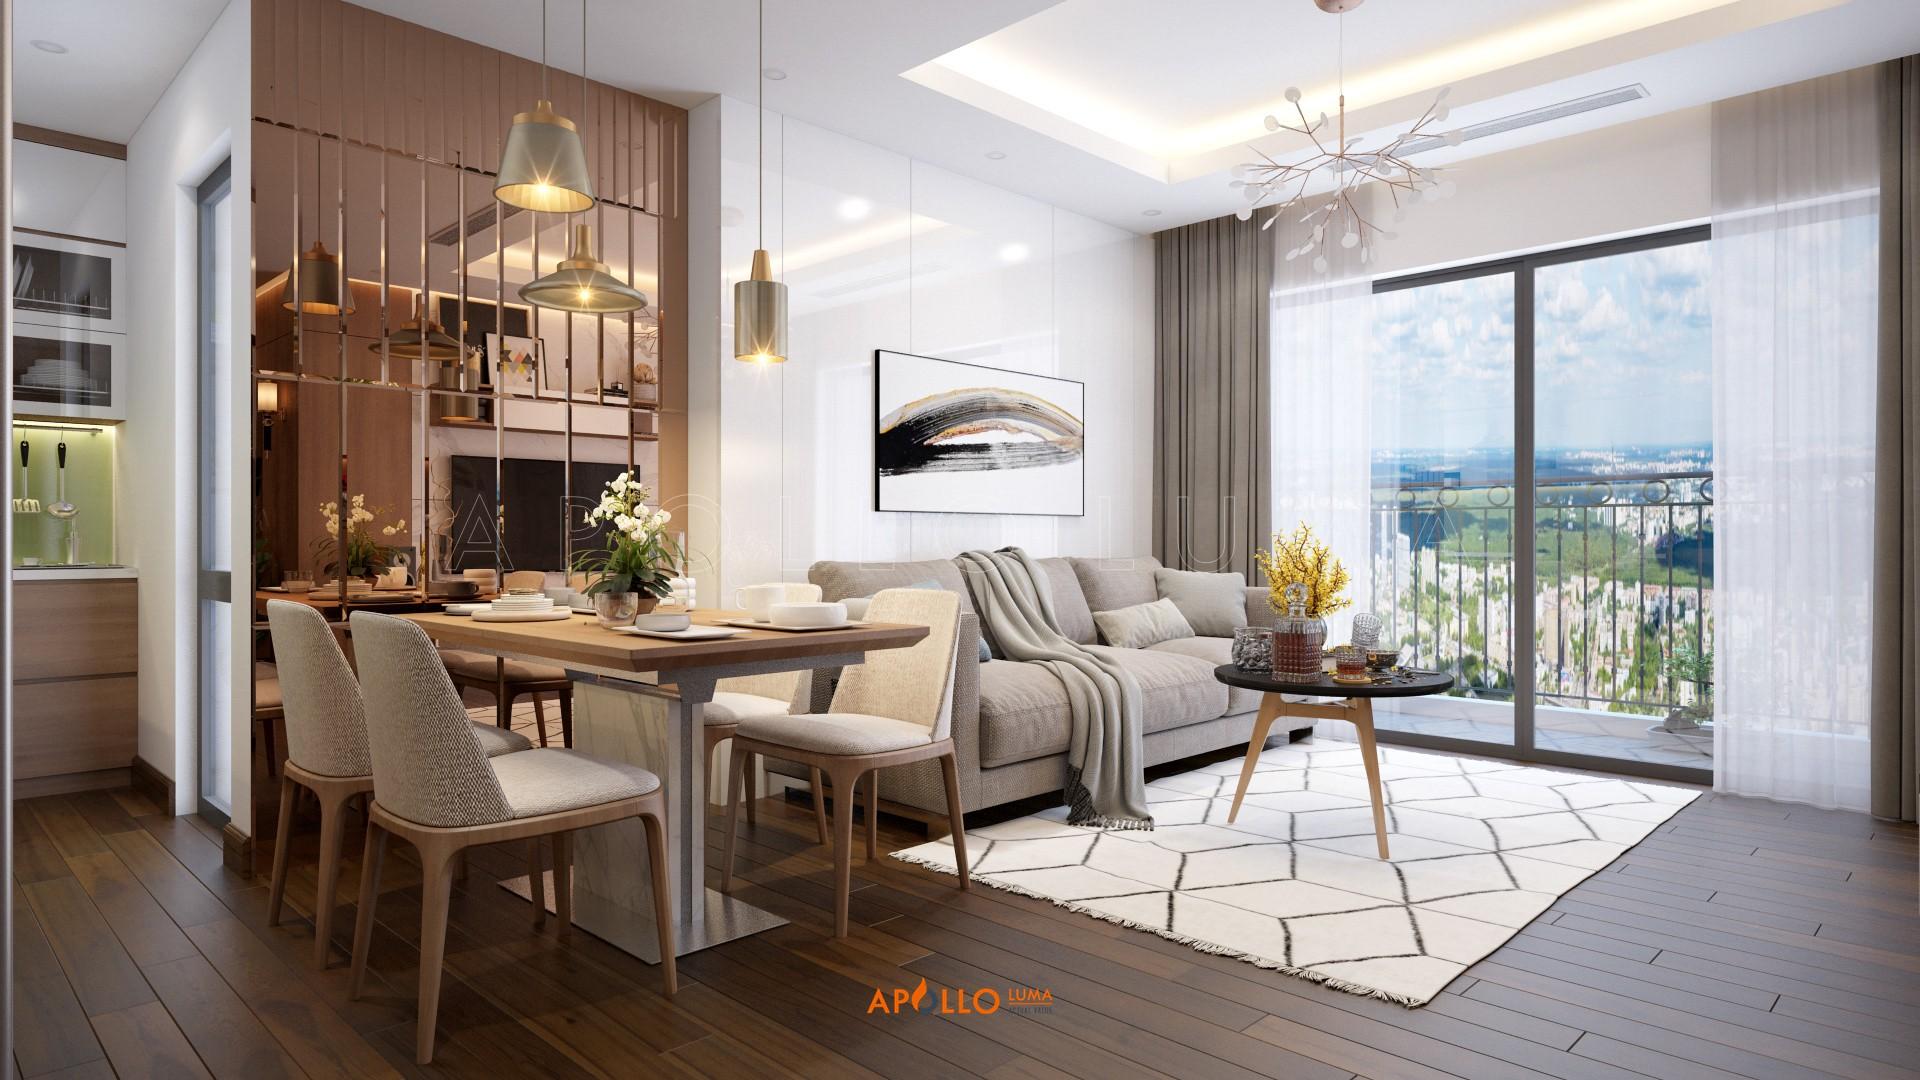 Thiết kế nội thất căn hộ 2 phòng ngủ (76m2) C3-05 D'.Capitale Trần Duy Hưng